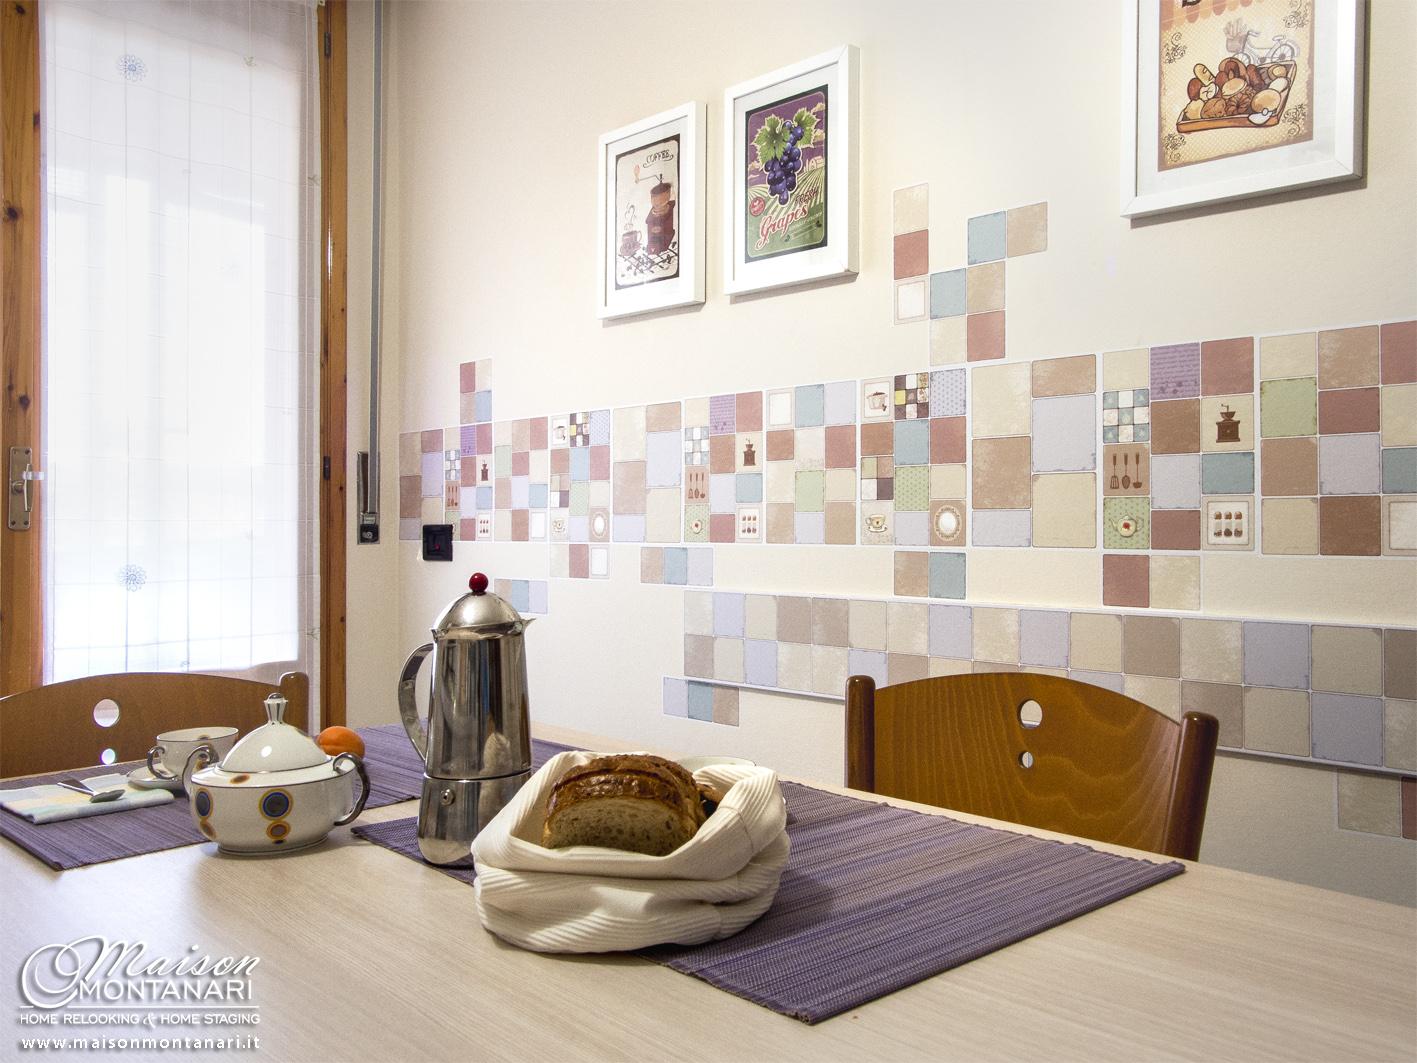 Come Decorare Piastrelle Cucina home relooking] trasformare la cucina unendo stile vintage e